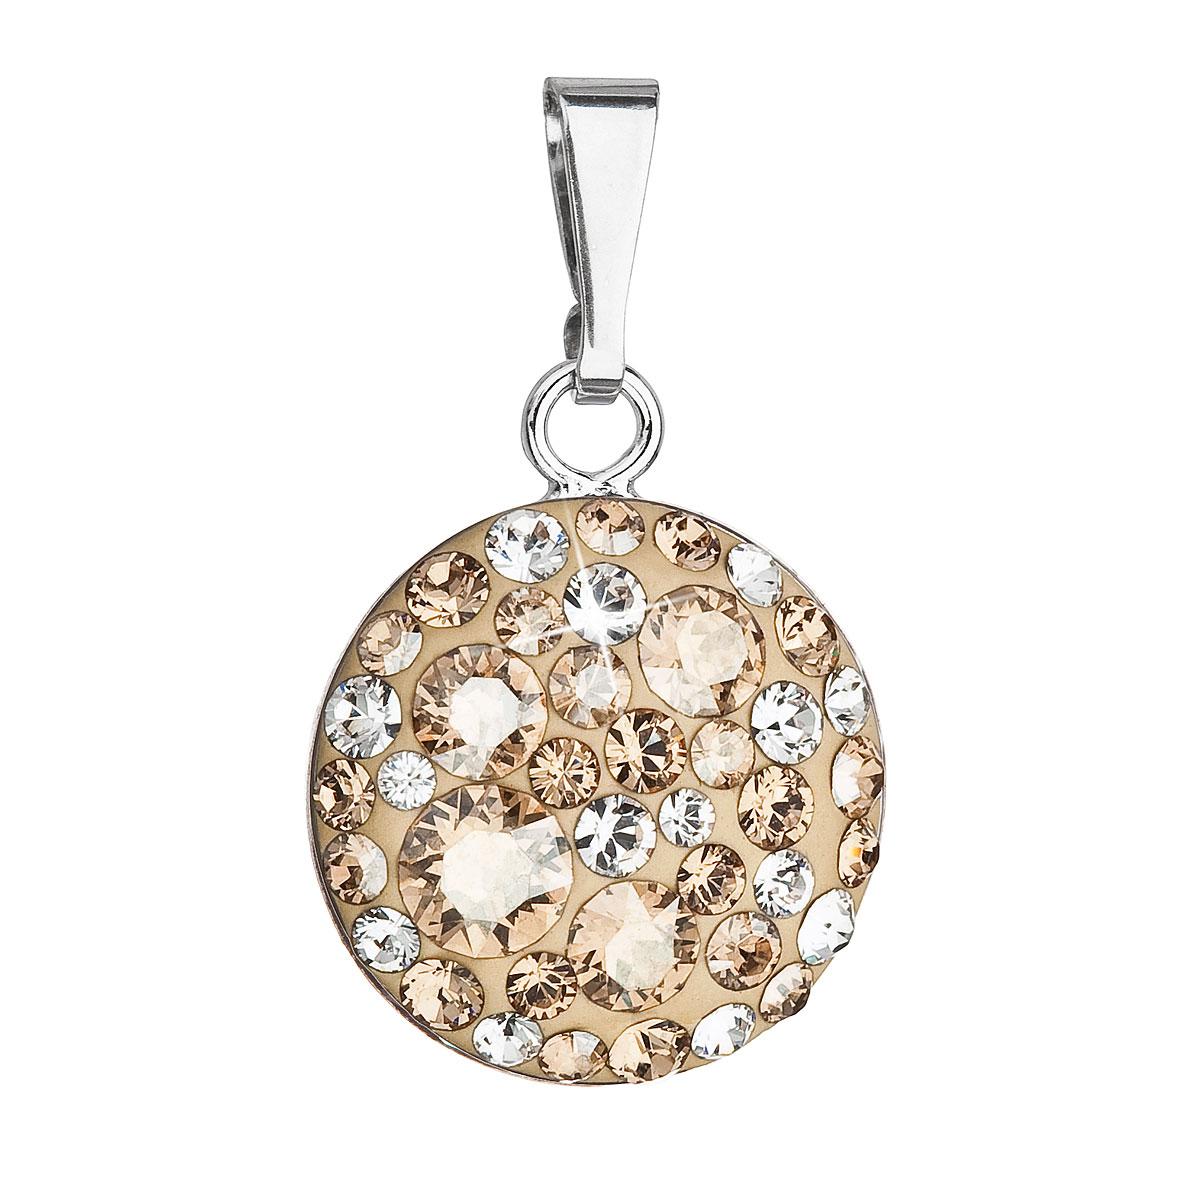 Strieborný prívesok s krištálmi Swarovski zlatý okrúhly 34225.5 gold